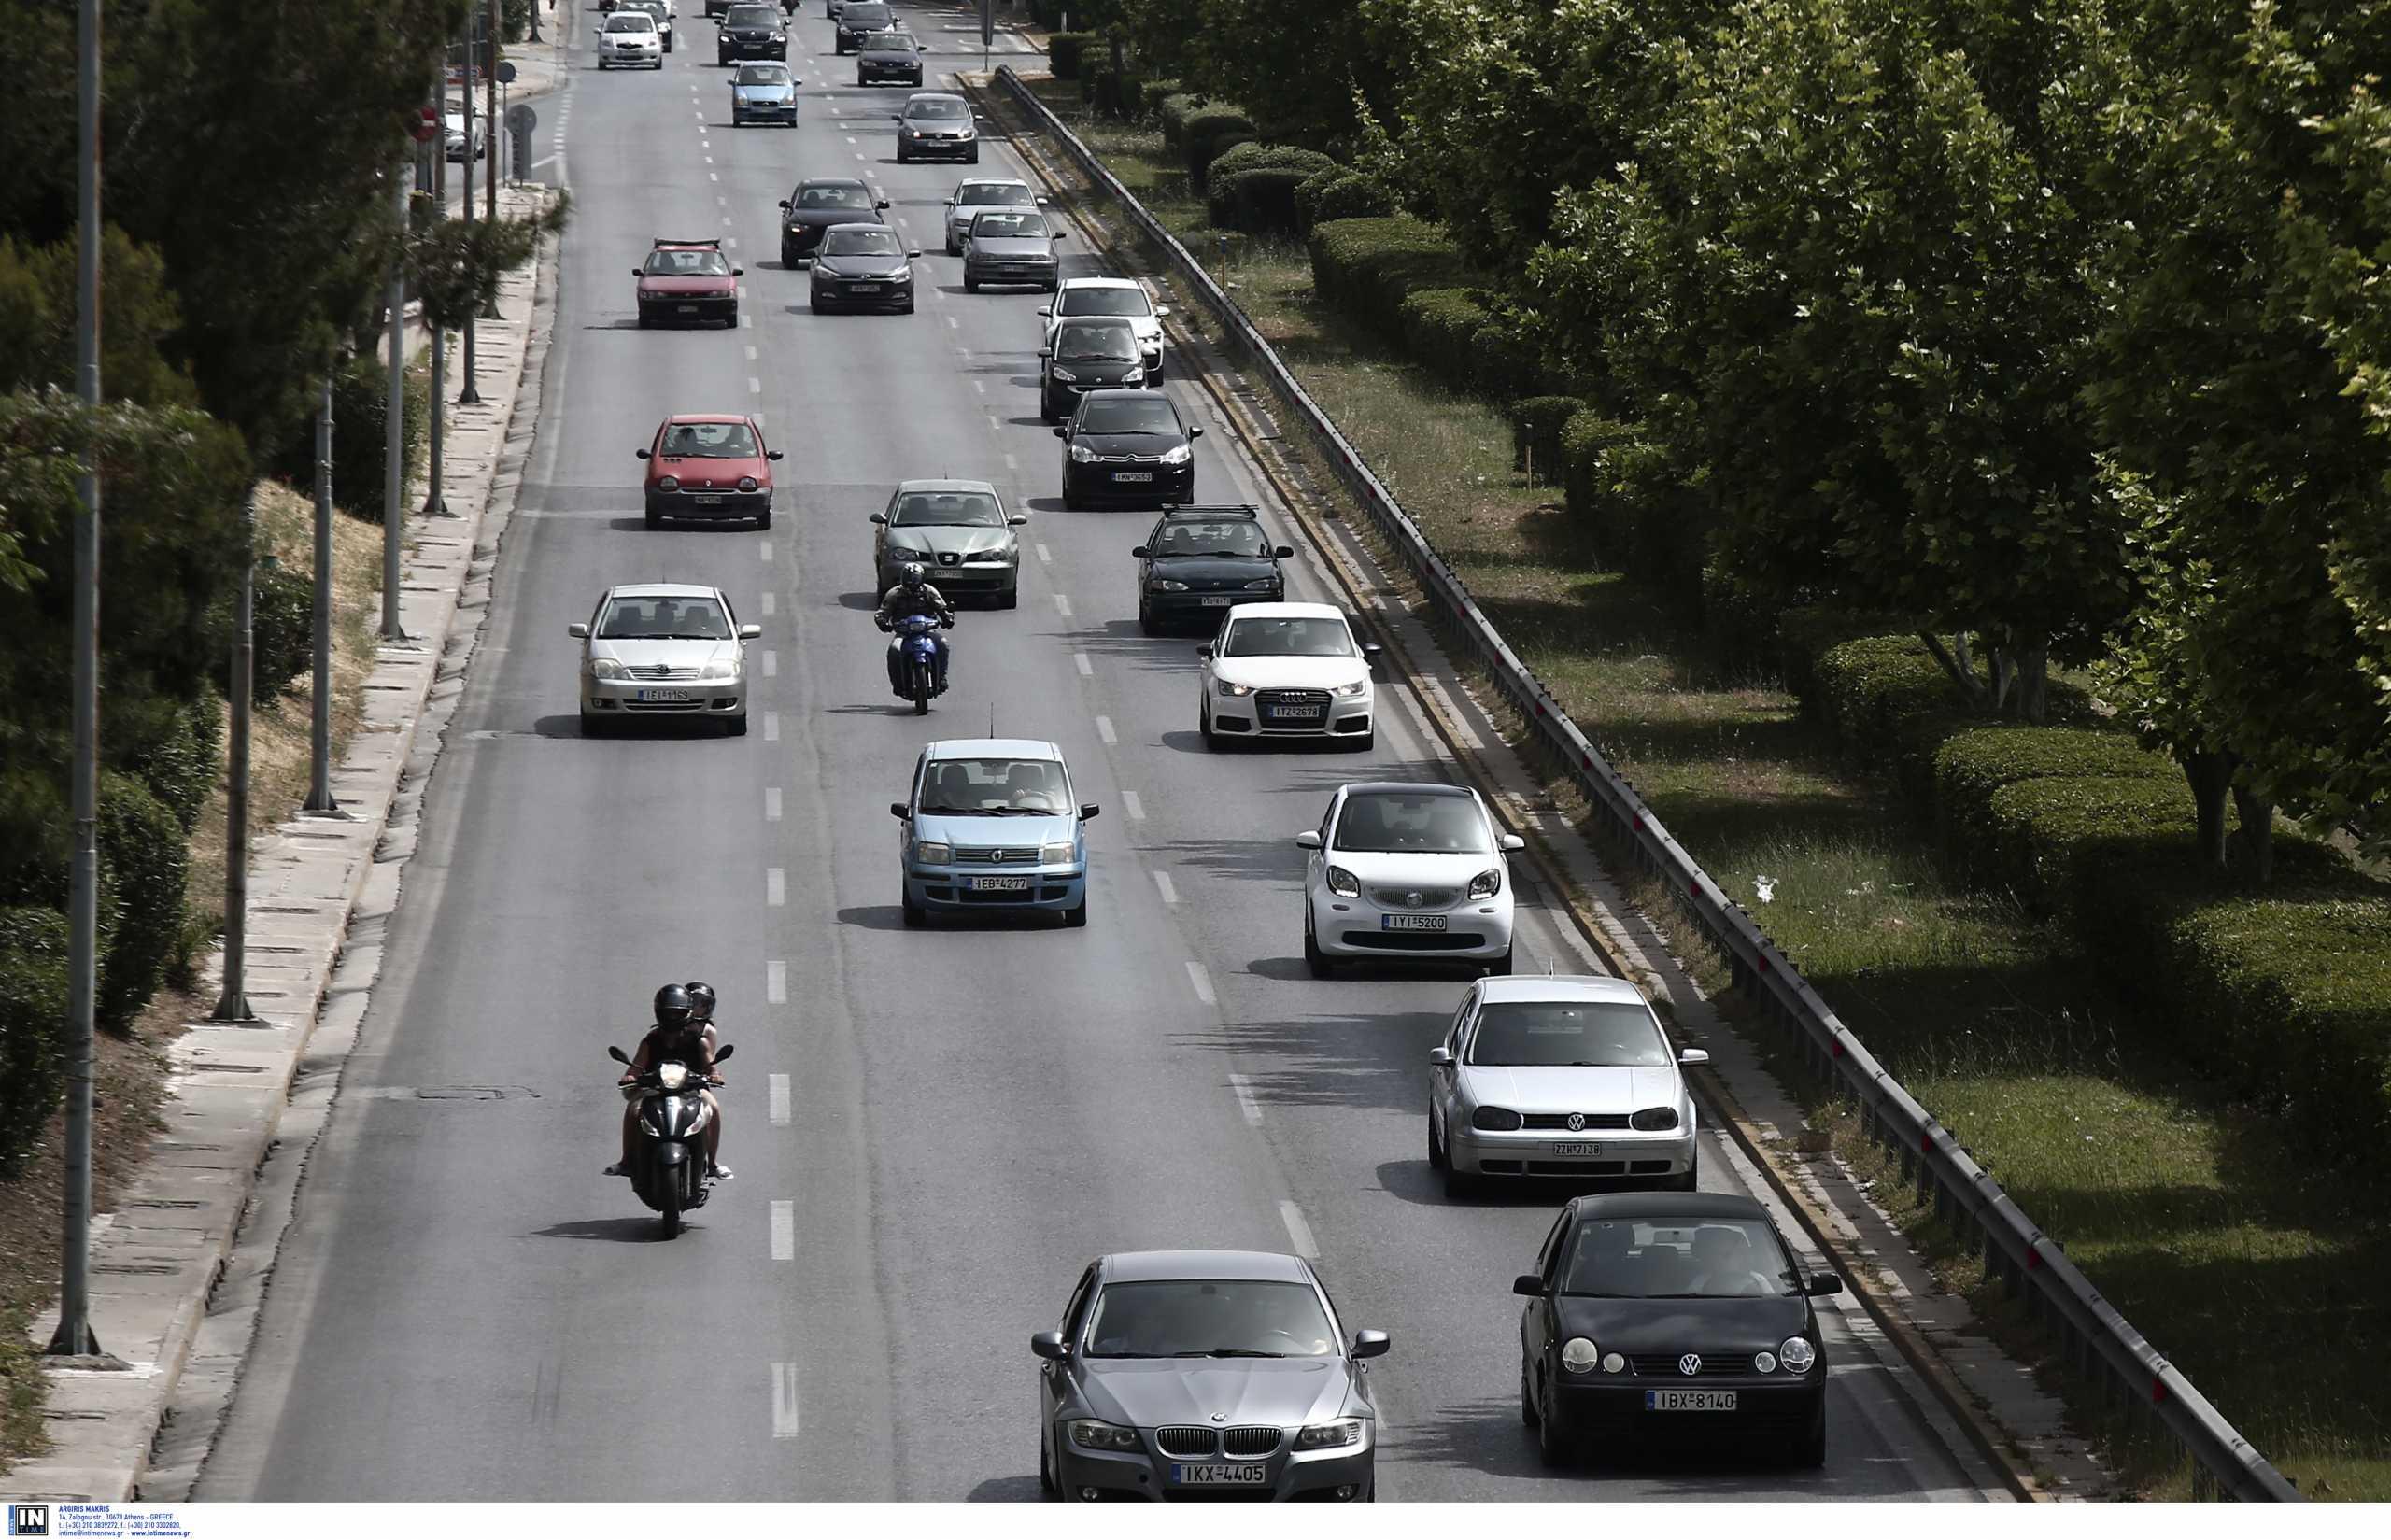 Μειώνεται το όριο ταχύτητας στην Λεωφόρο Βουλιαγμένης